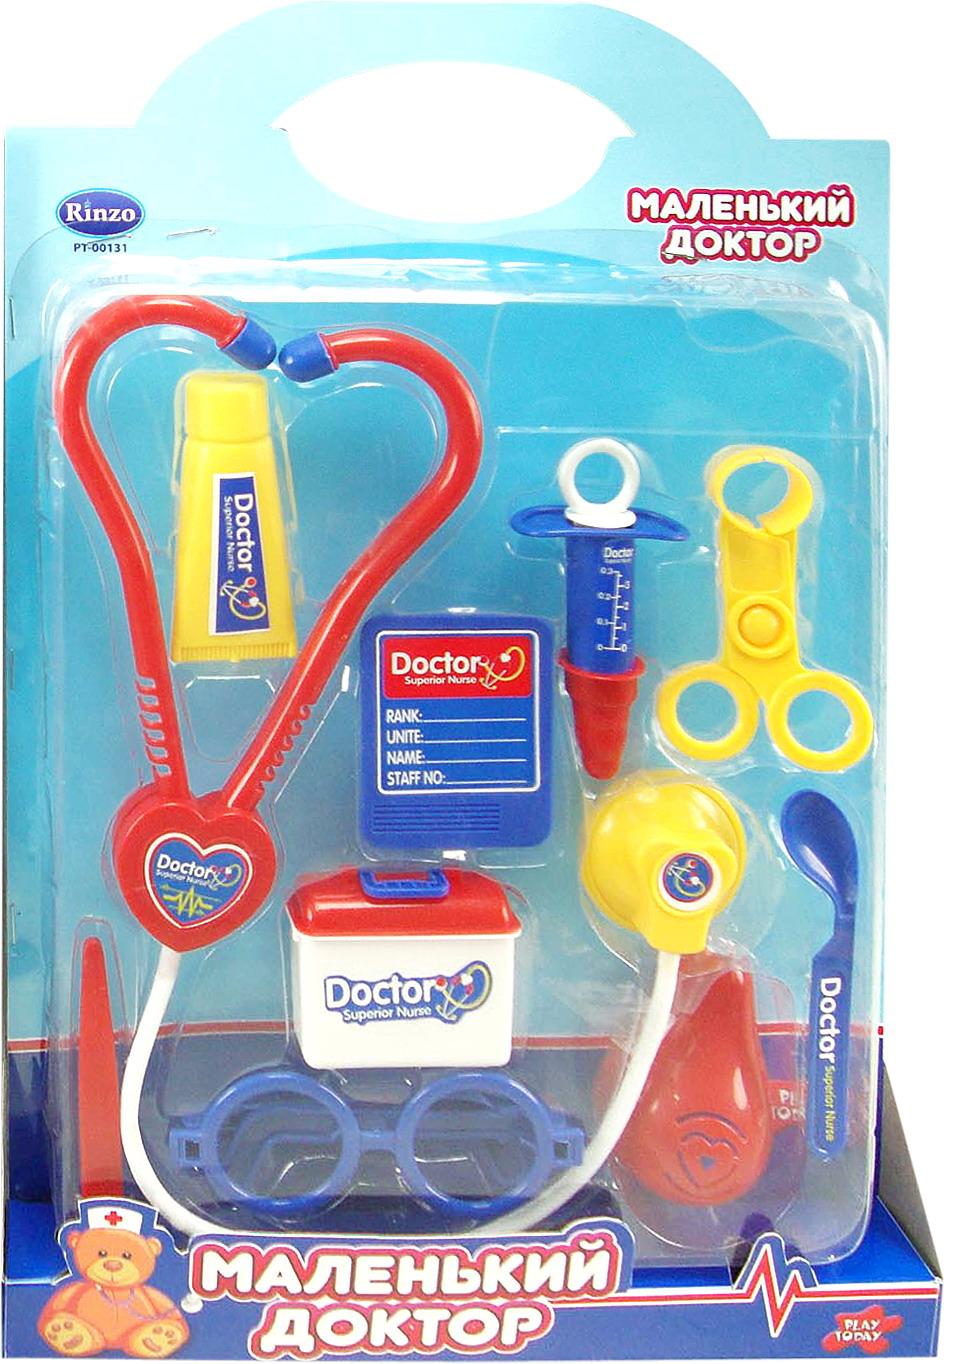 Купить Игровой набор доктора на 10 предметов серии Маленький доктор, Rinzo